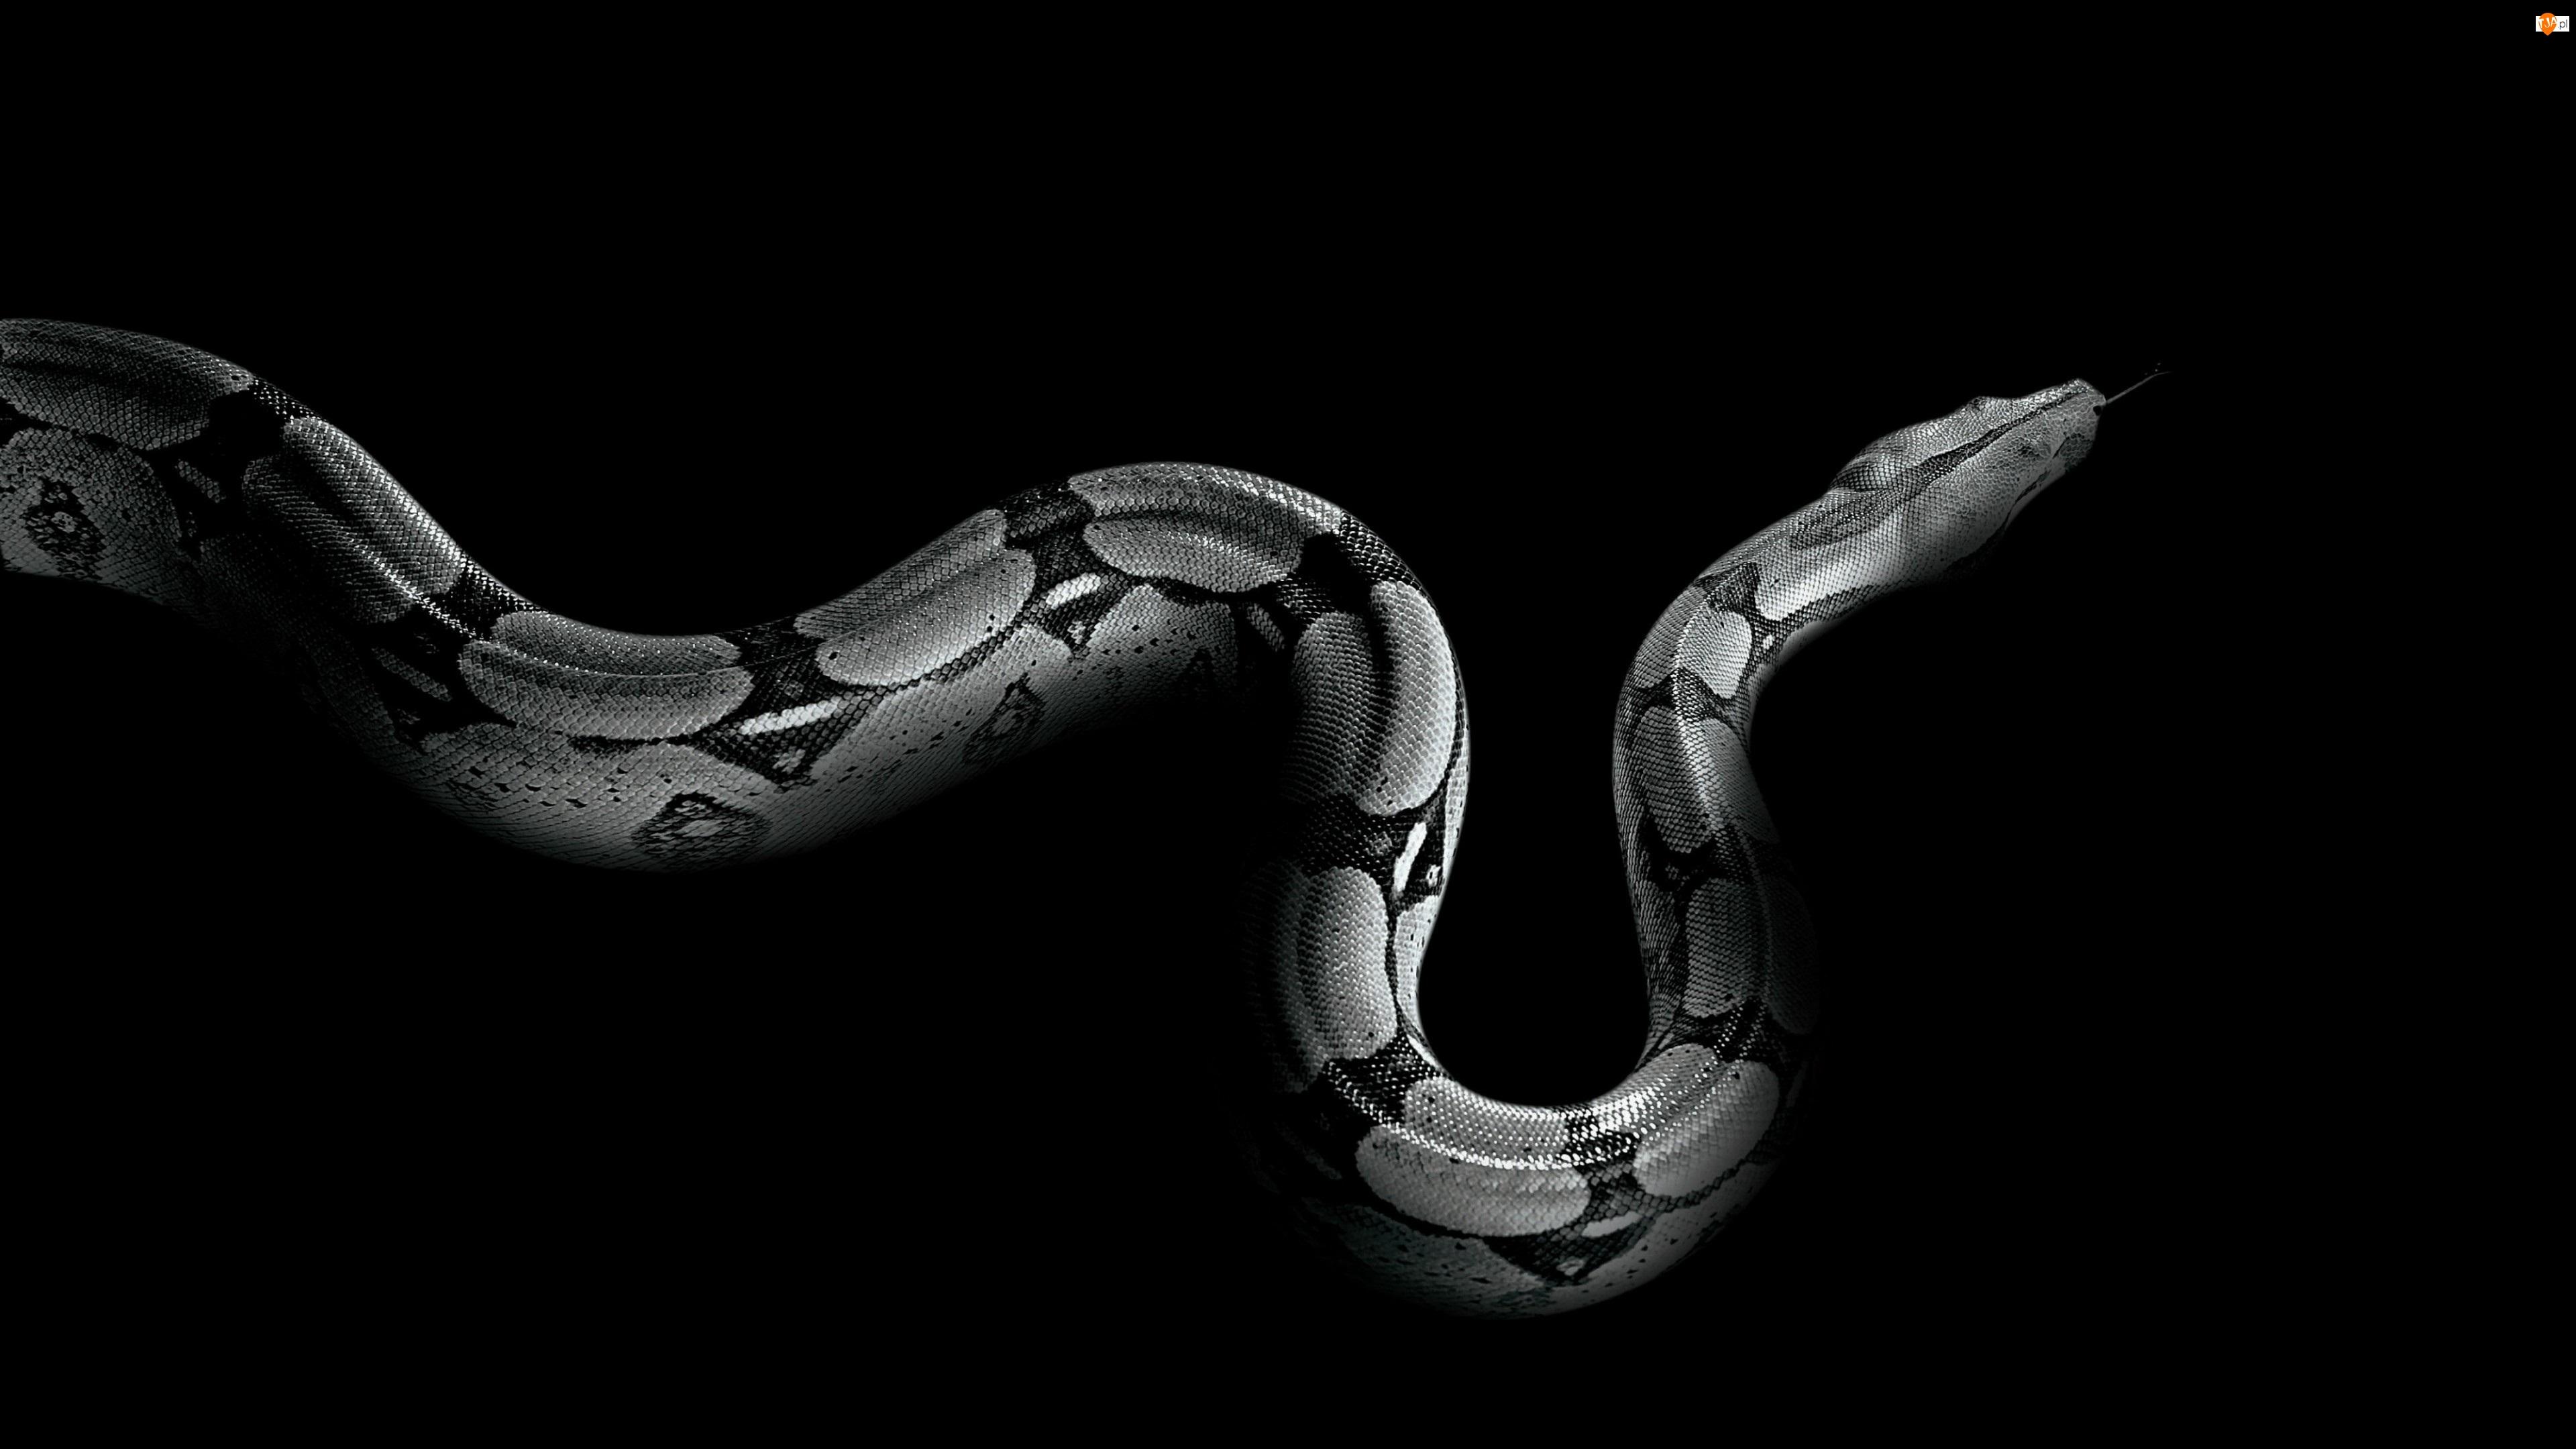 Wąż, Czarno-Białe, Pyton, Gad